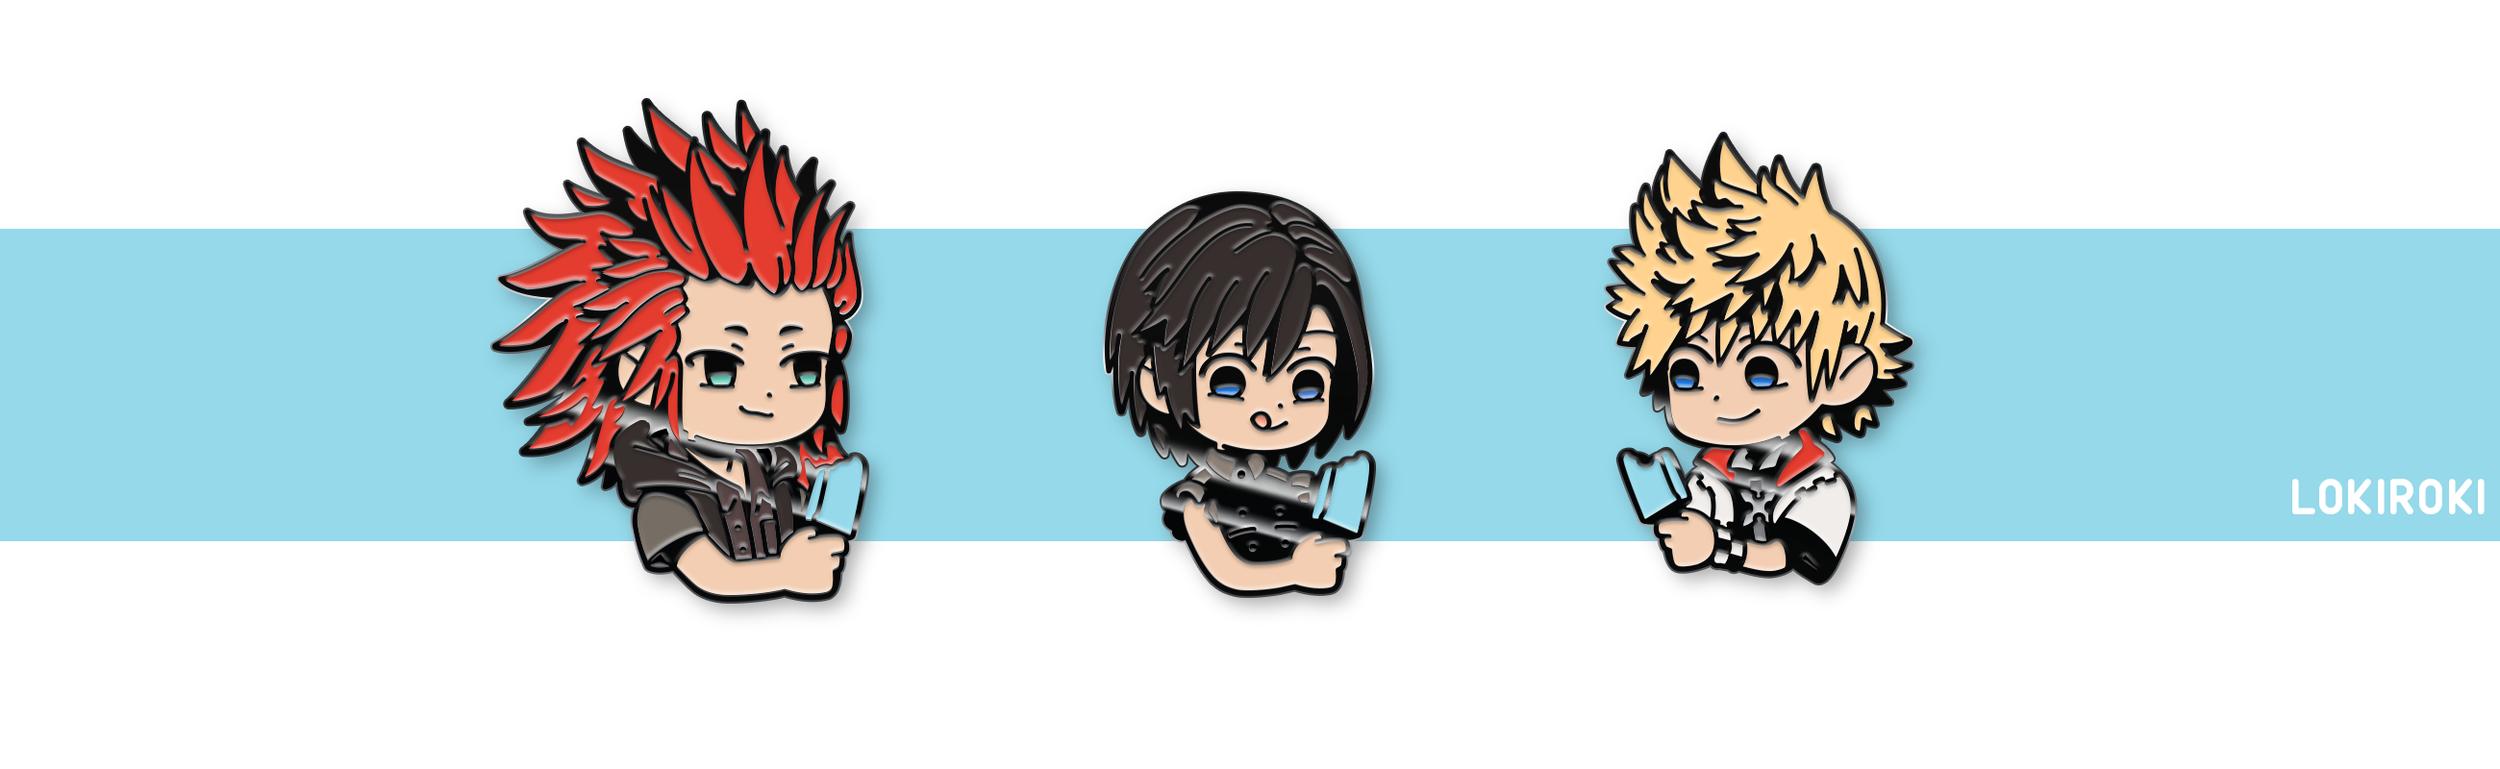 Kingdom Hearts 3 (Fan Art)